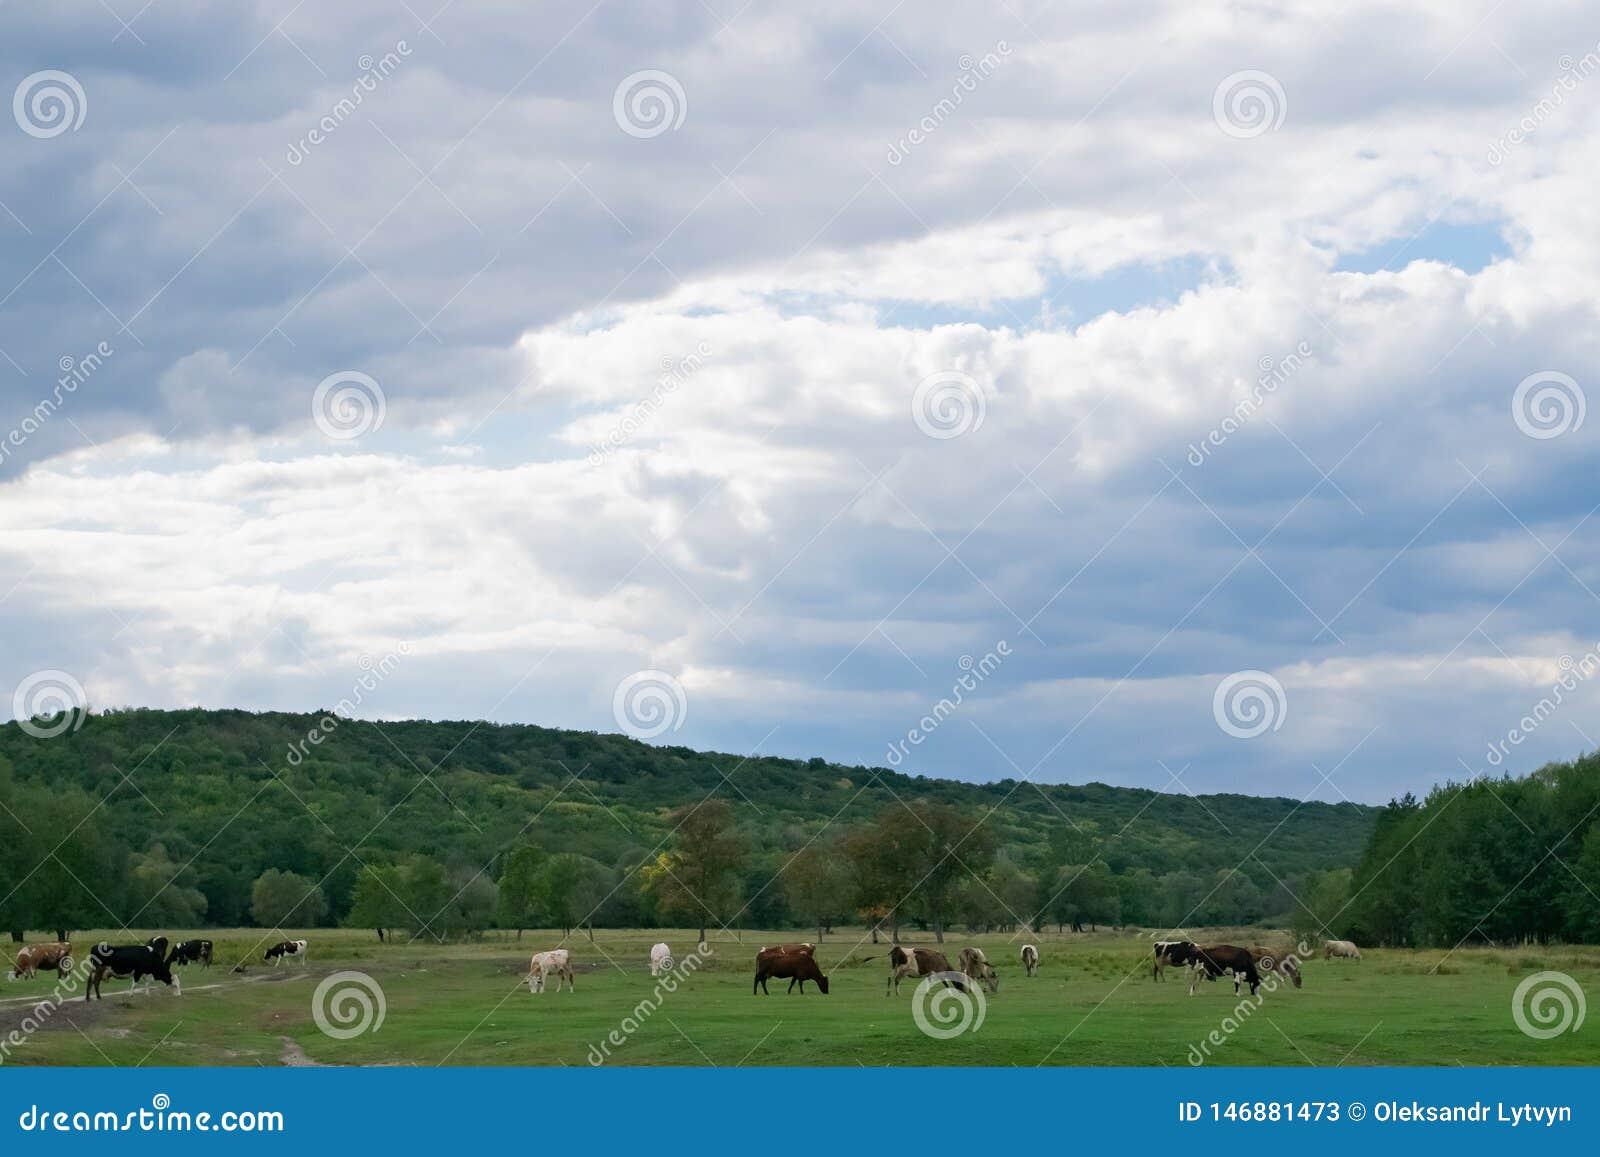 Många kor betar på en grön äng, på en höstäng och en molnig himmel